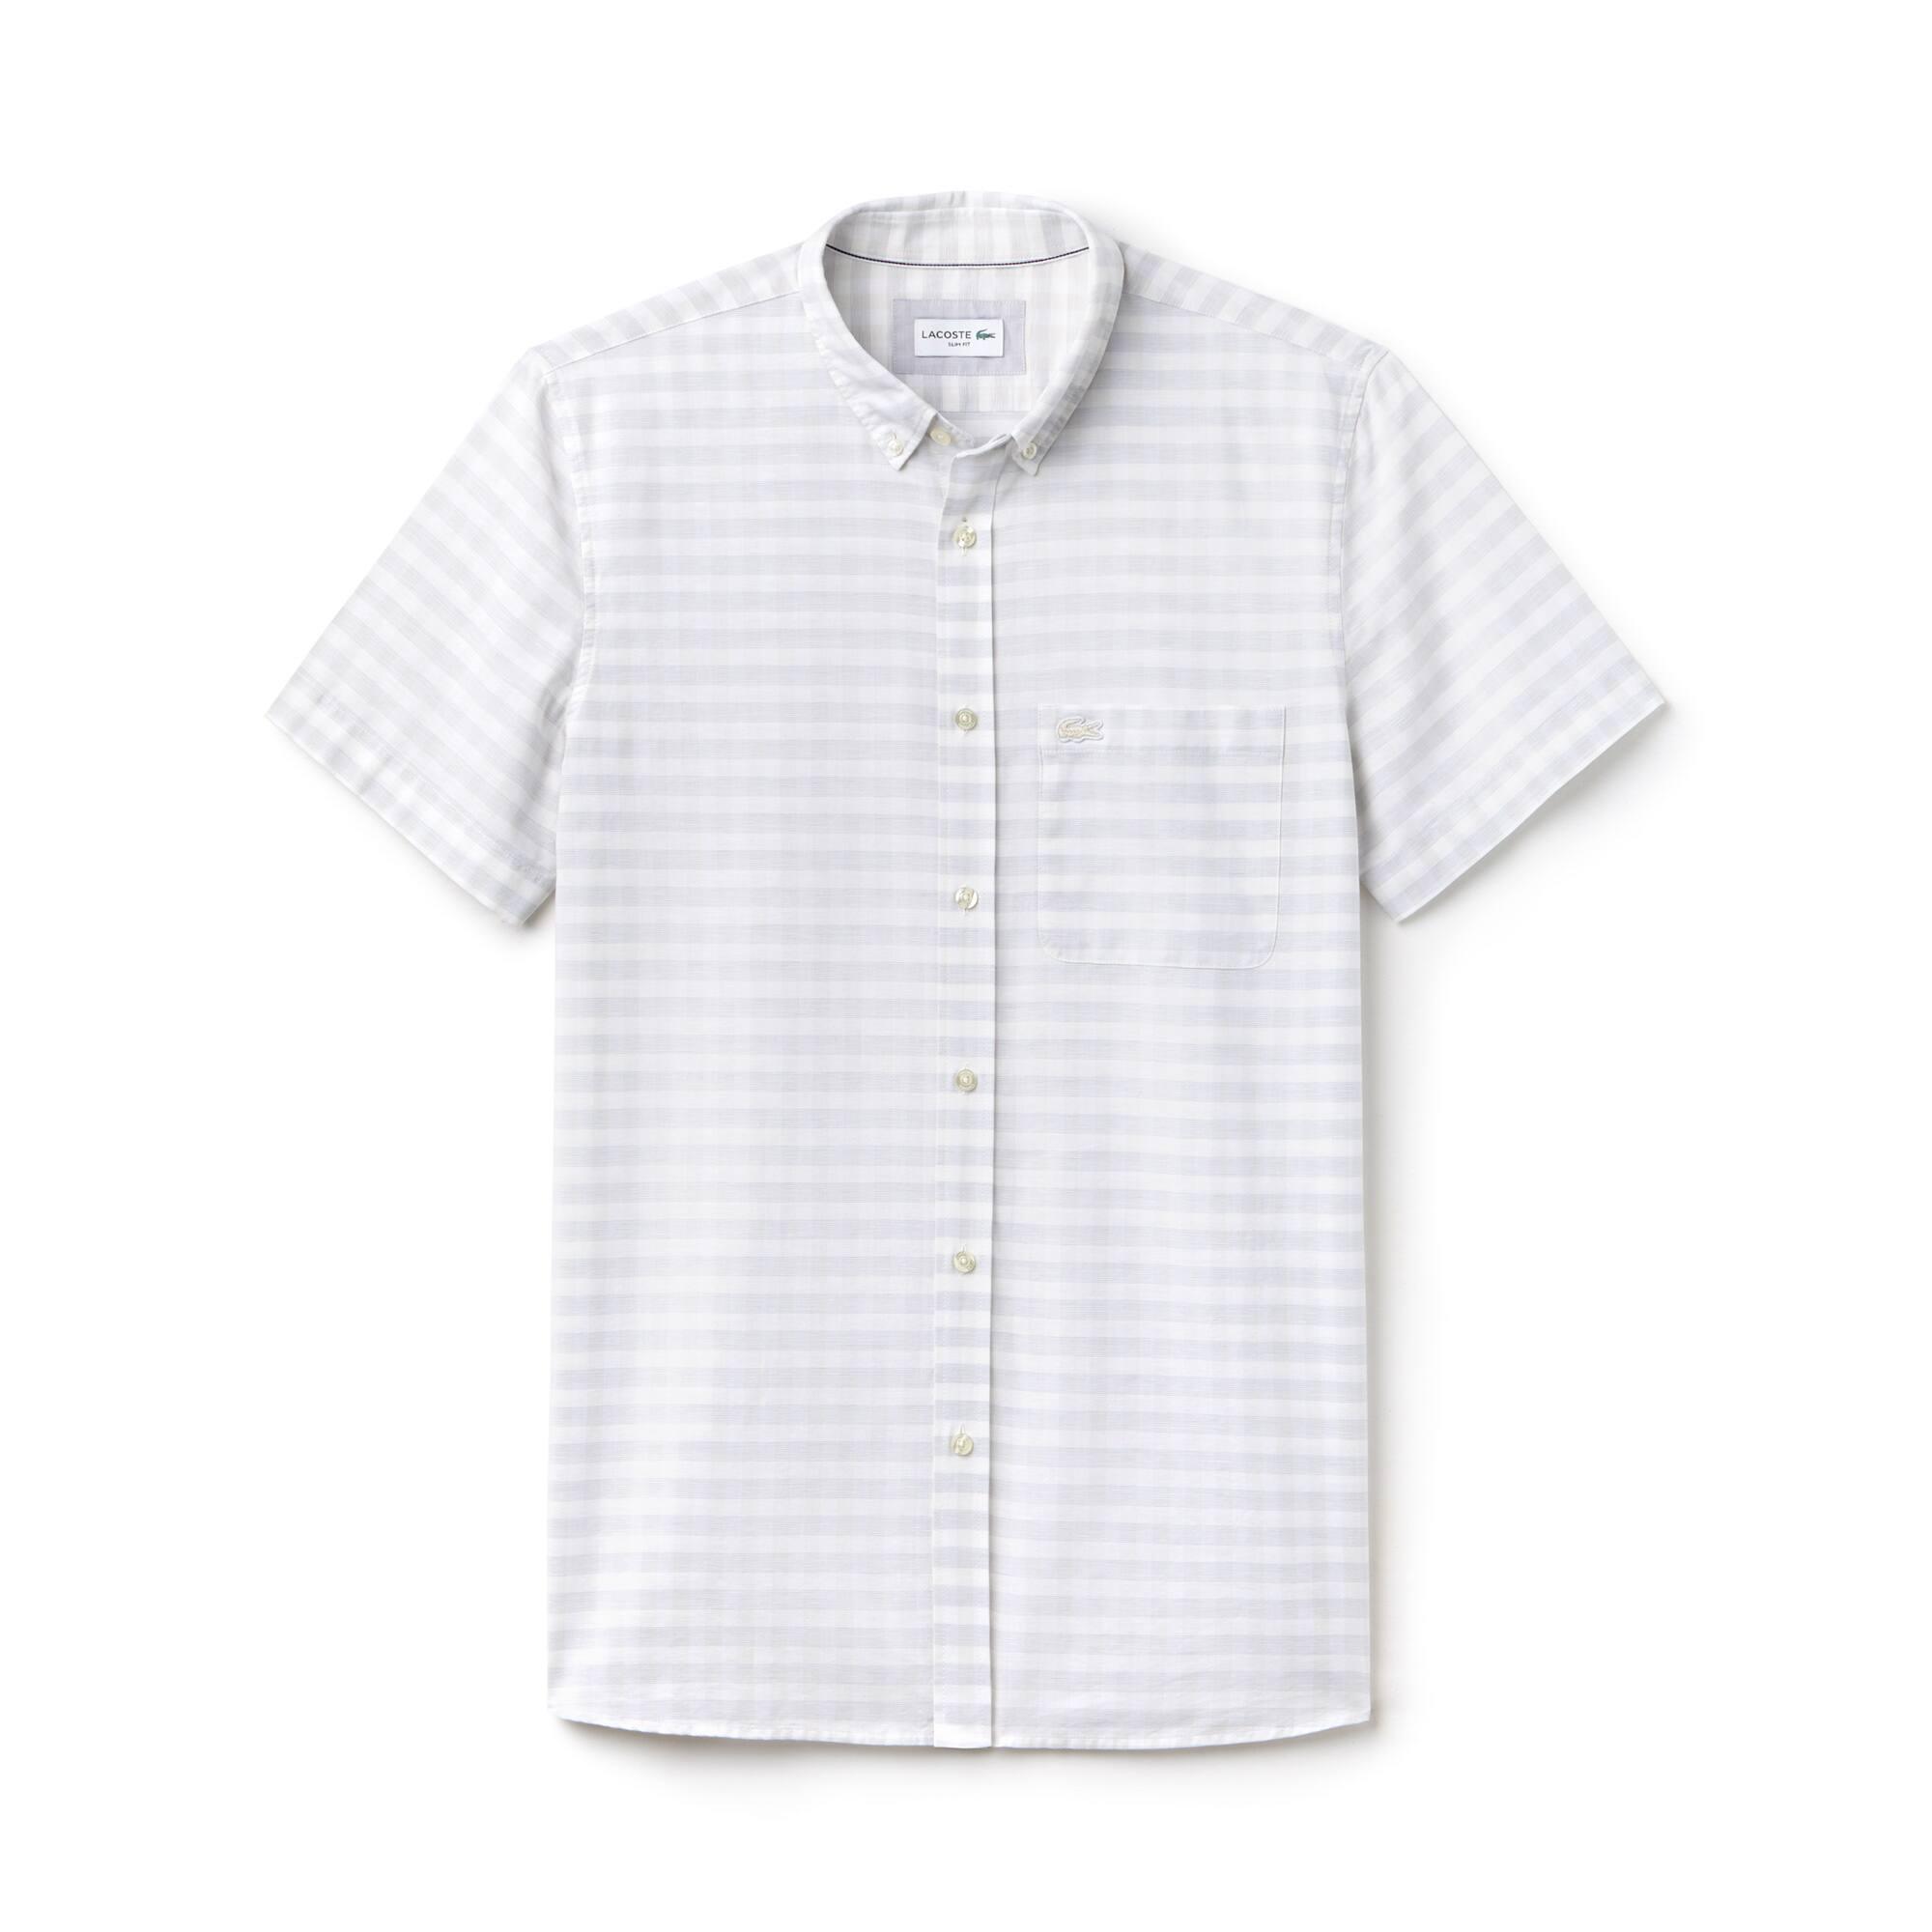 Camicia slim fit a maniche corte in popeline a quadretti